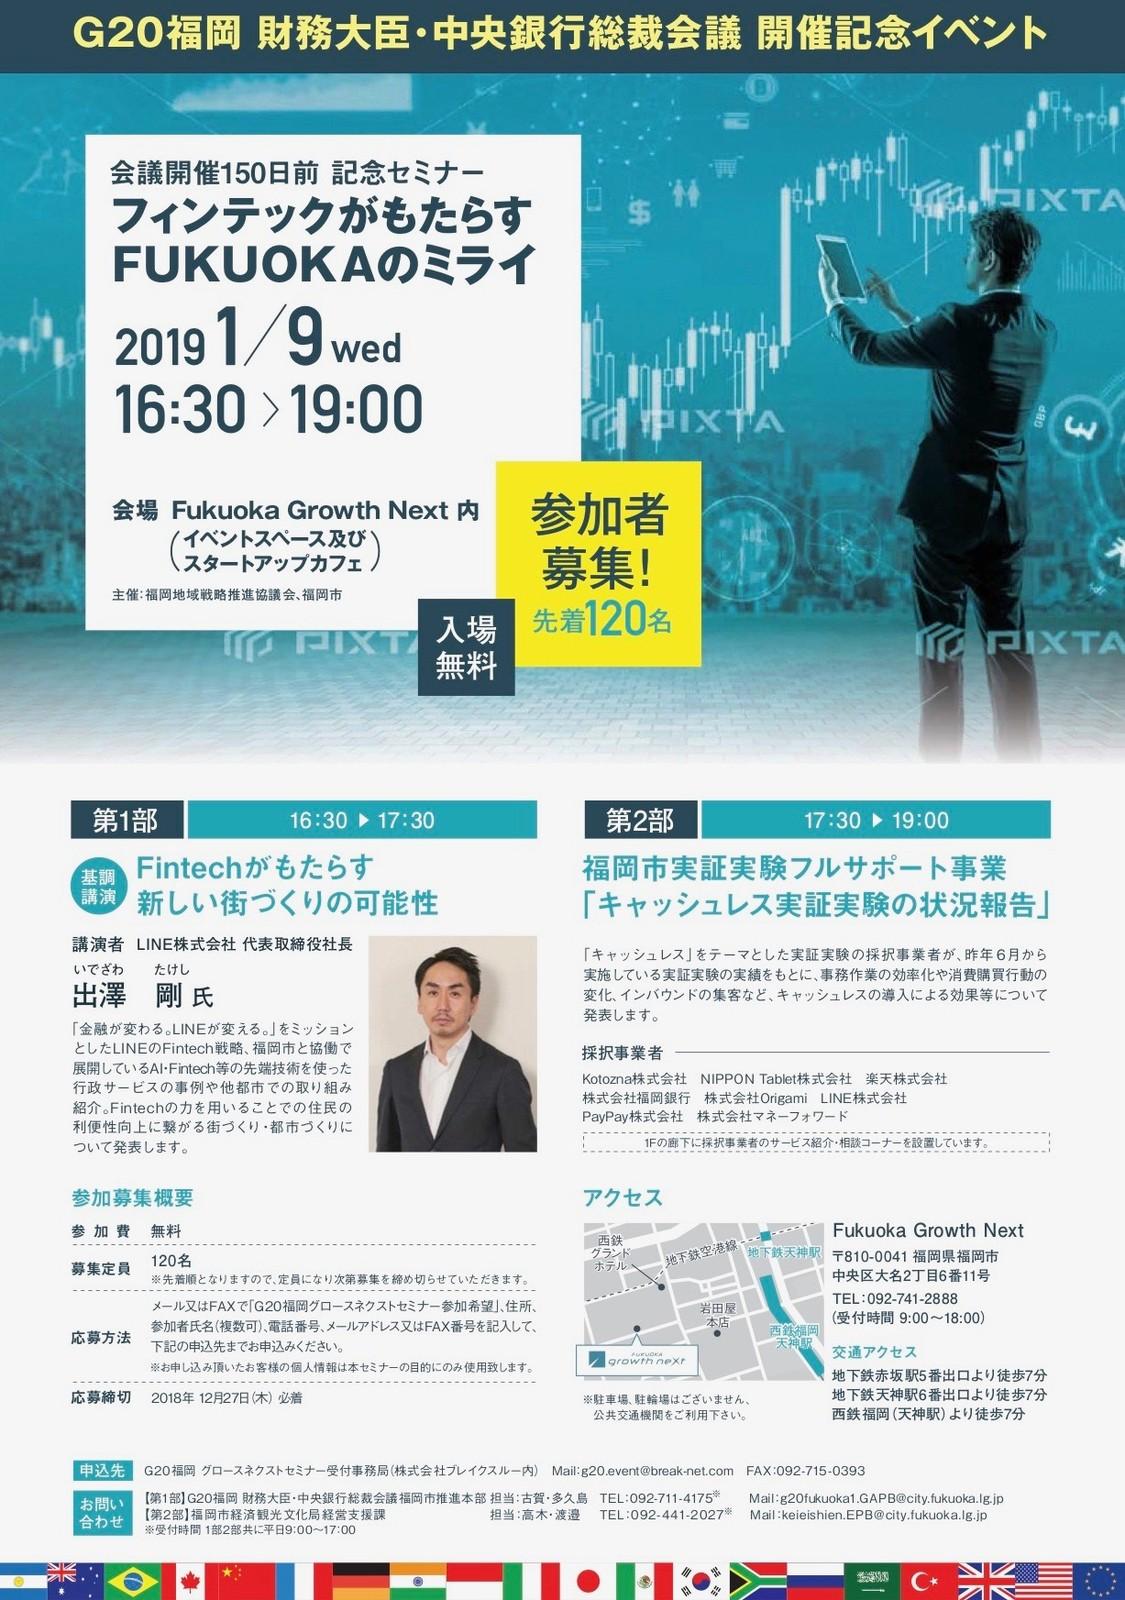 G20イベントチラシ1214(FGN) (2)